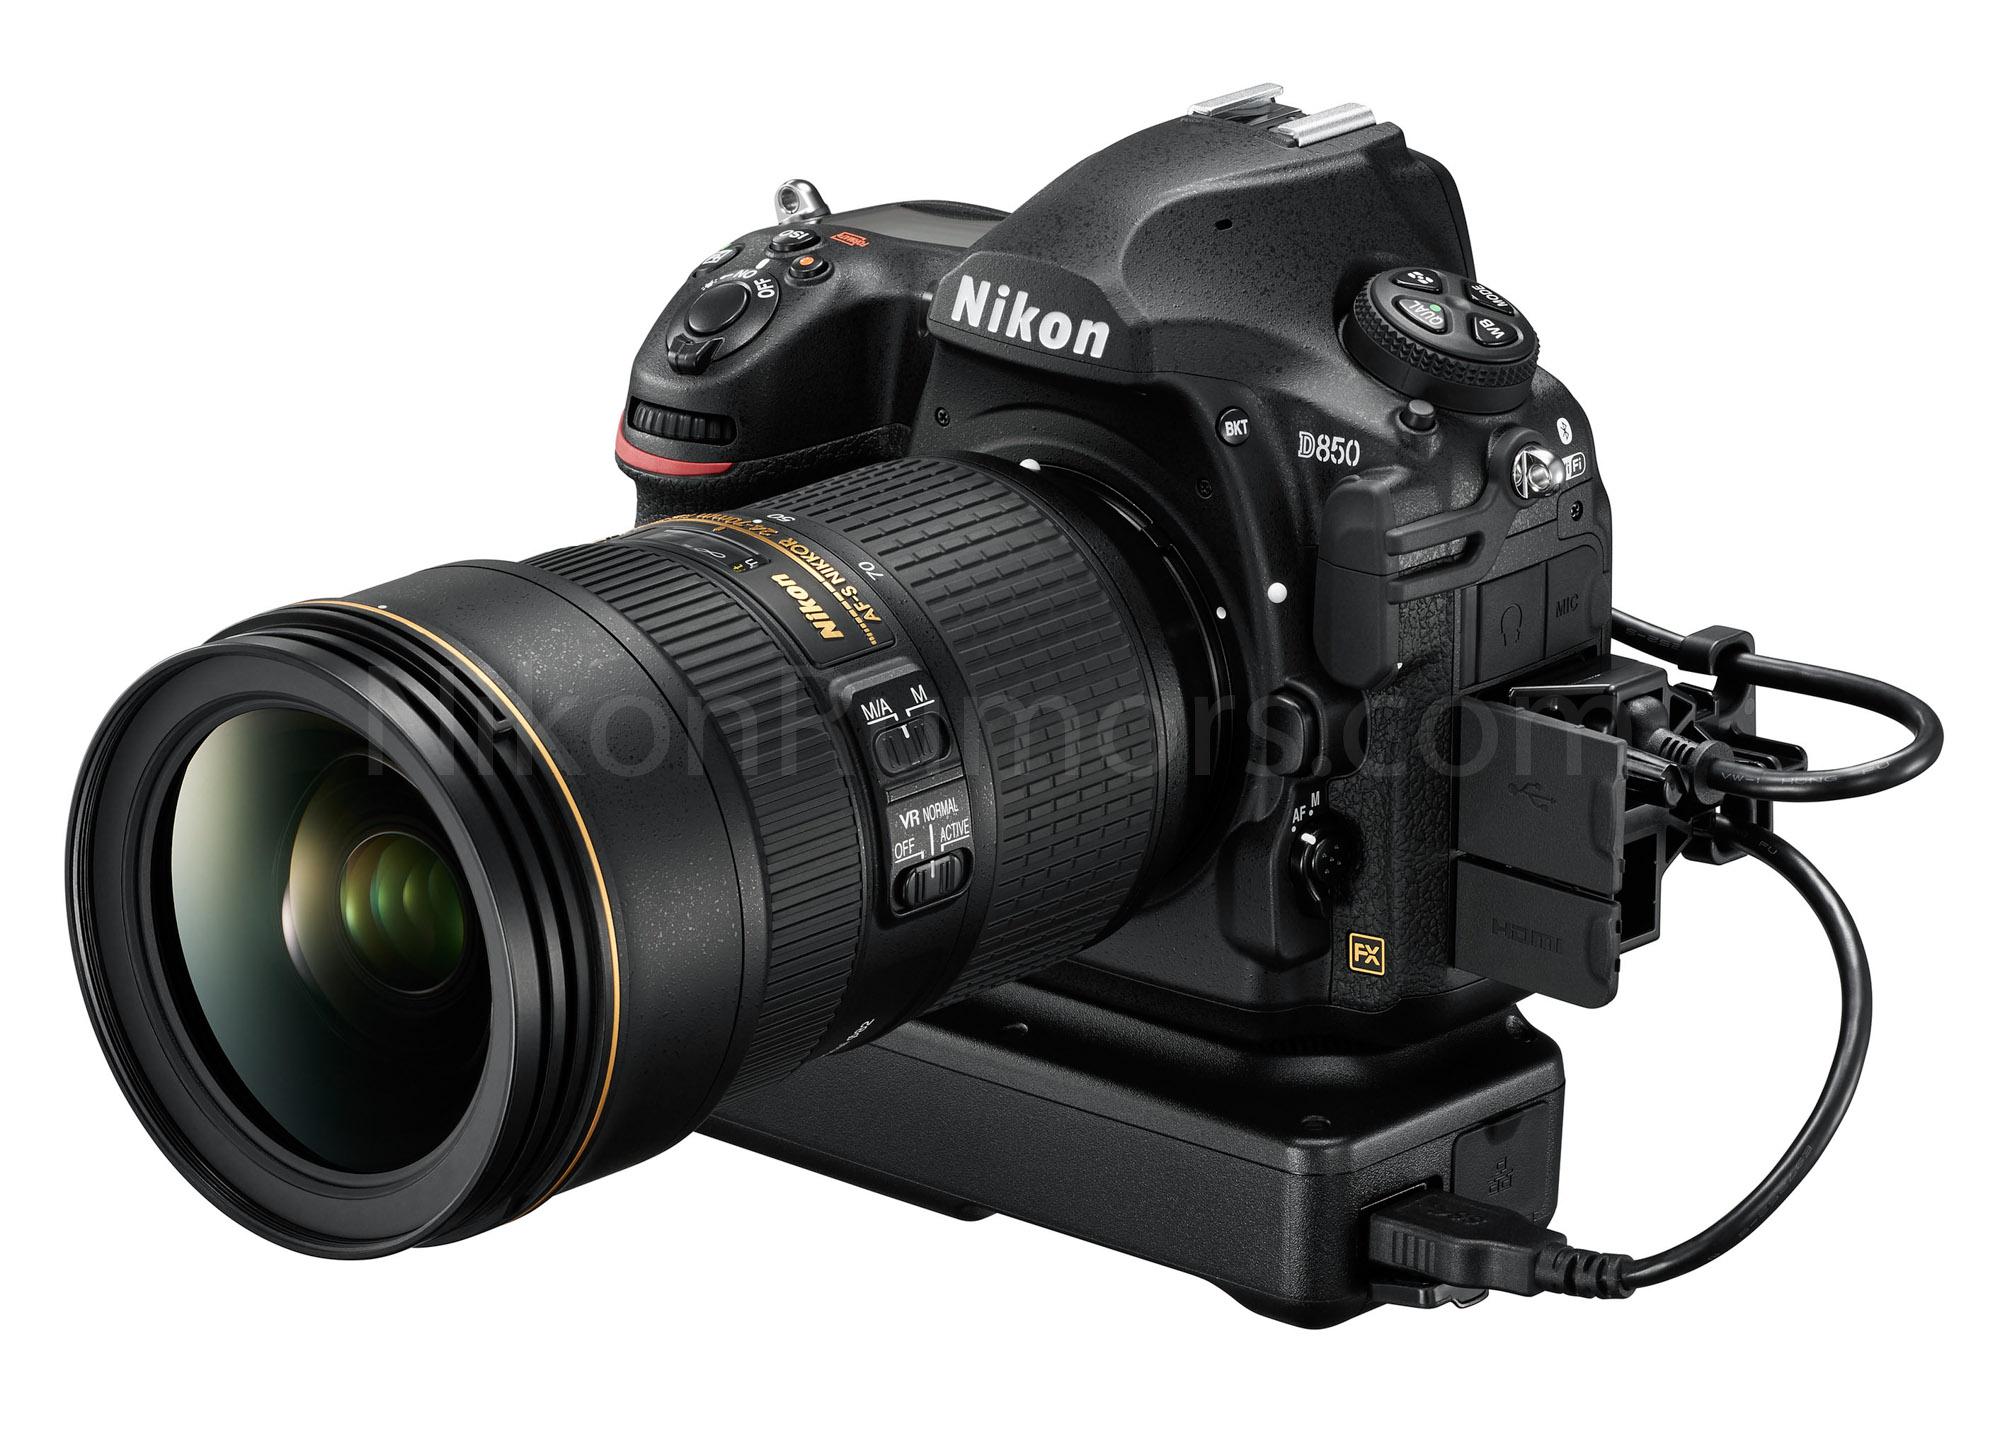 Nikon-D850-DSLR-camera8.jpg